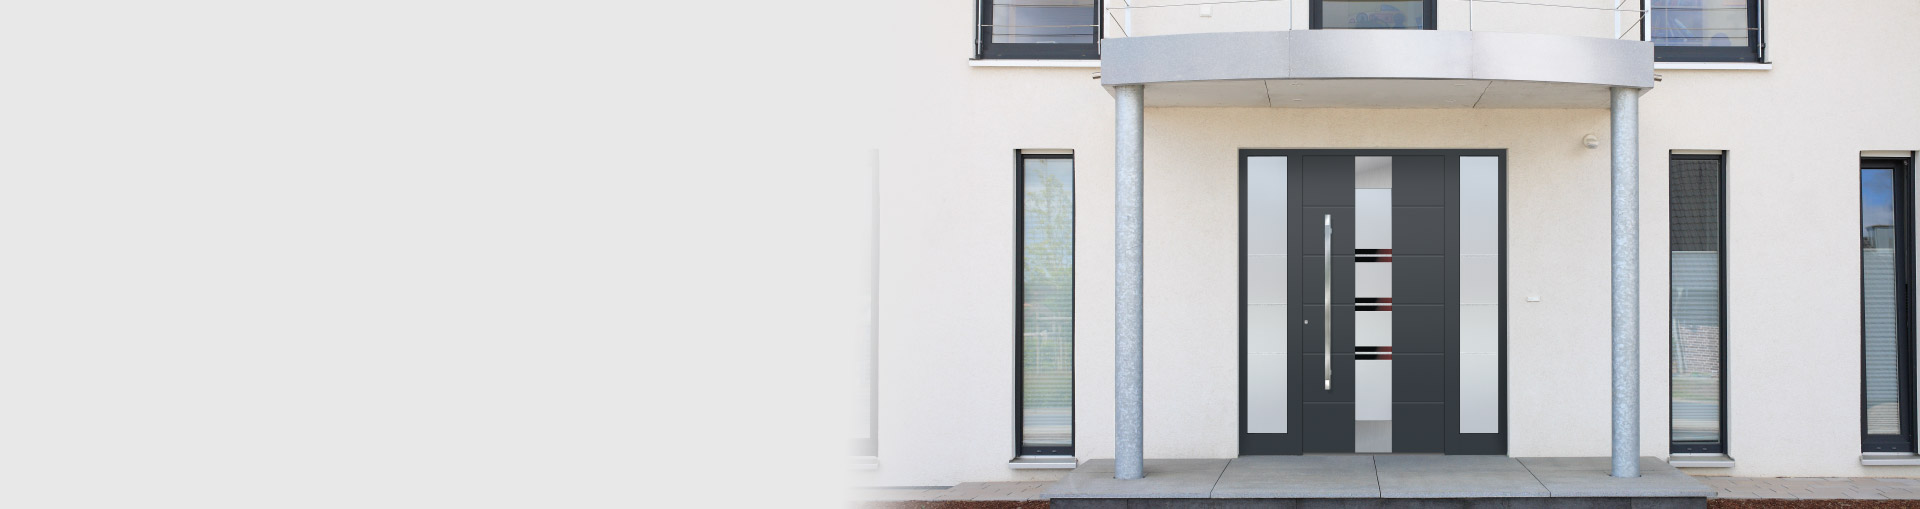 Full Size of Weru Fenster Insektenschutz Sonnenschutzfolie Innen Braun Bodentief Günstig Kaufen Sichtschutz Für Marken Stores Auf Maß Rollos Ohne Bohren 3 Fach Fenster Weru Fenster